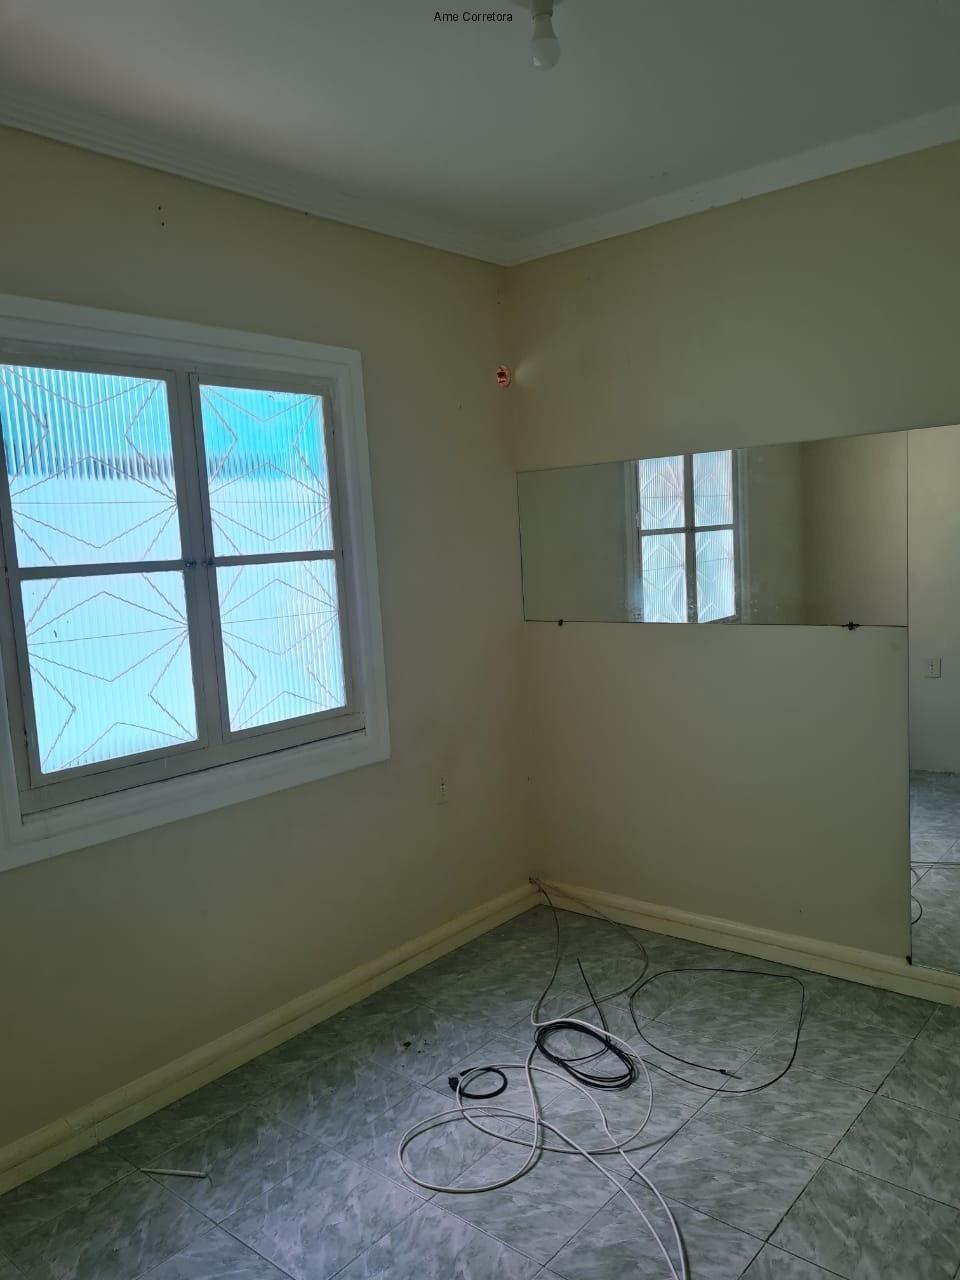 FOTO 11 - Apartamento 2 quartos para venda e aluguel Santíssimo, Rio de Janeiro - R$ 1.000 - AP00464 - 12